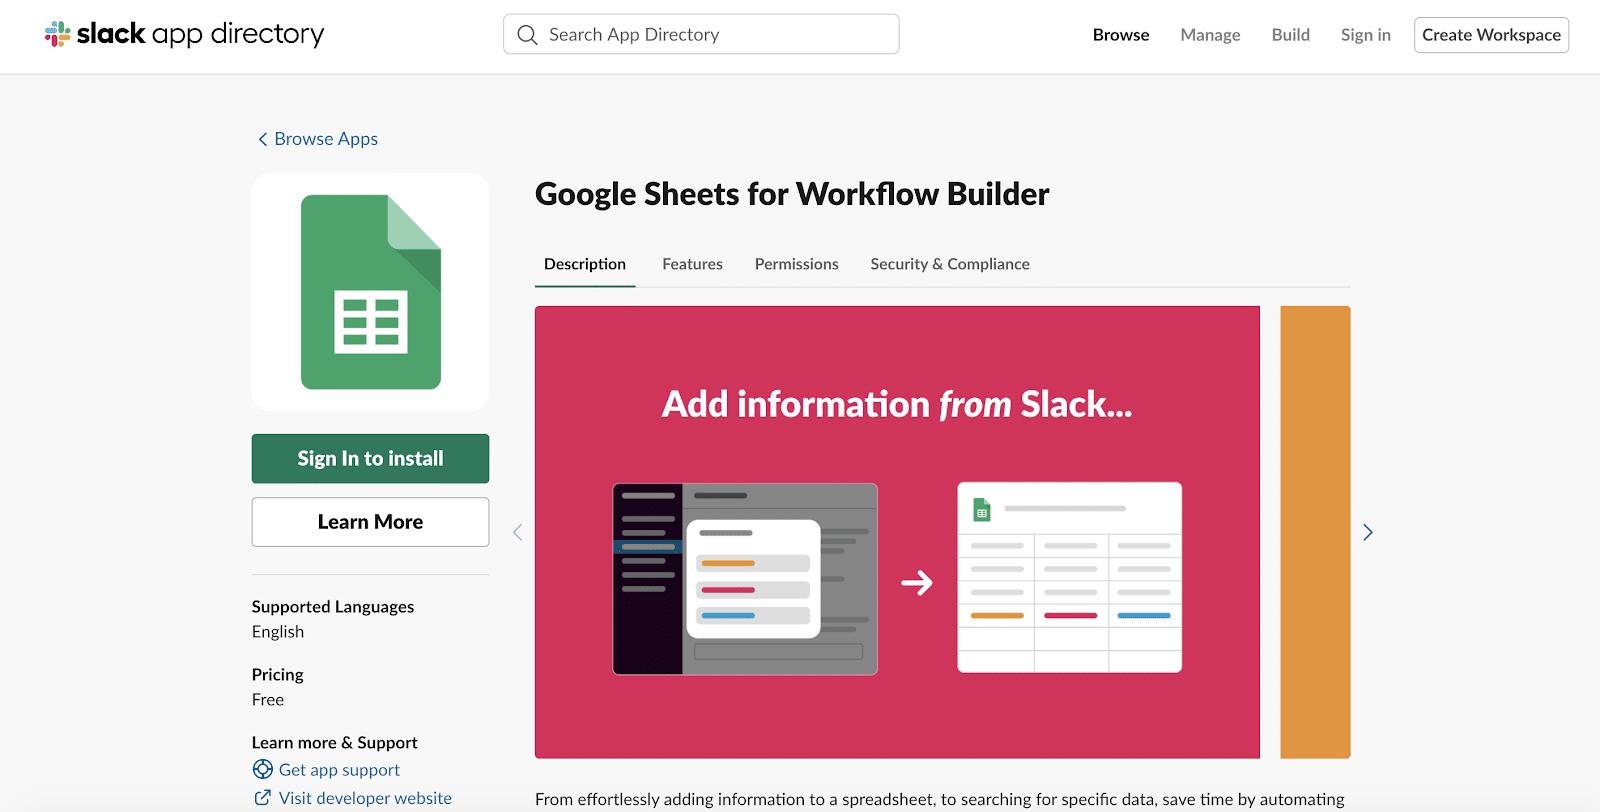 Google Sheets for Workflow Builder app for Slack